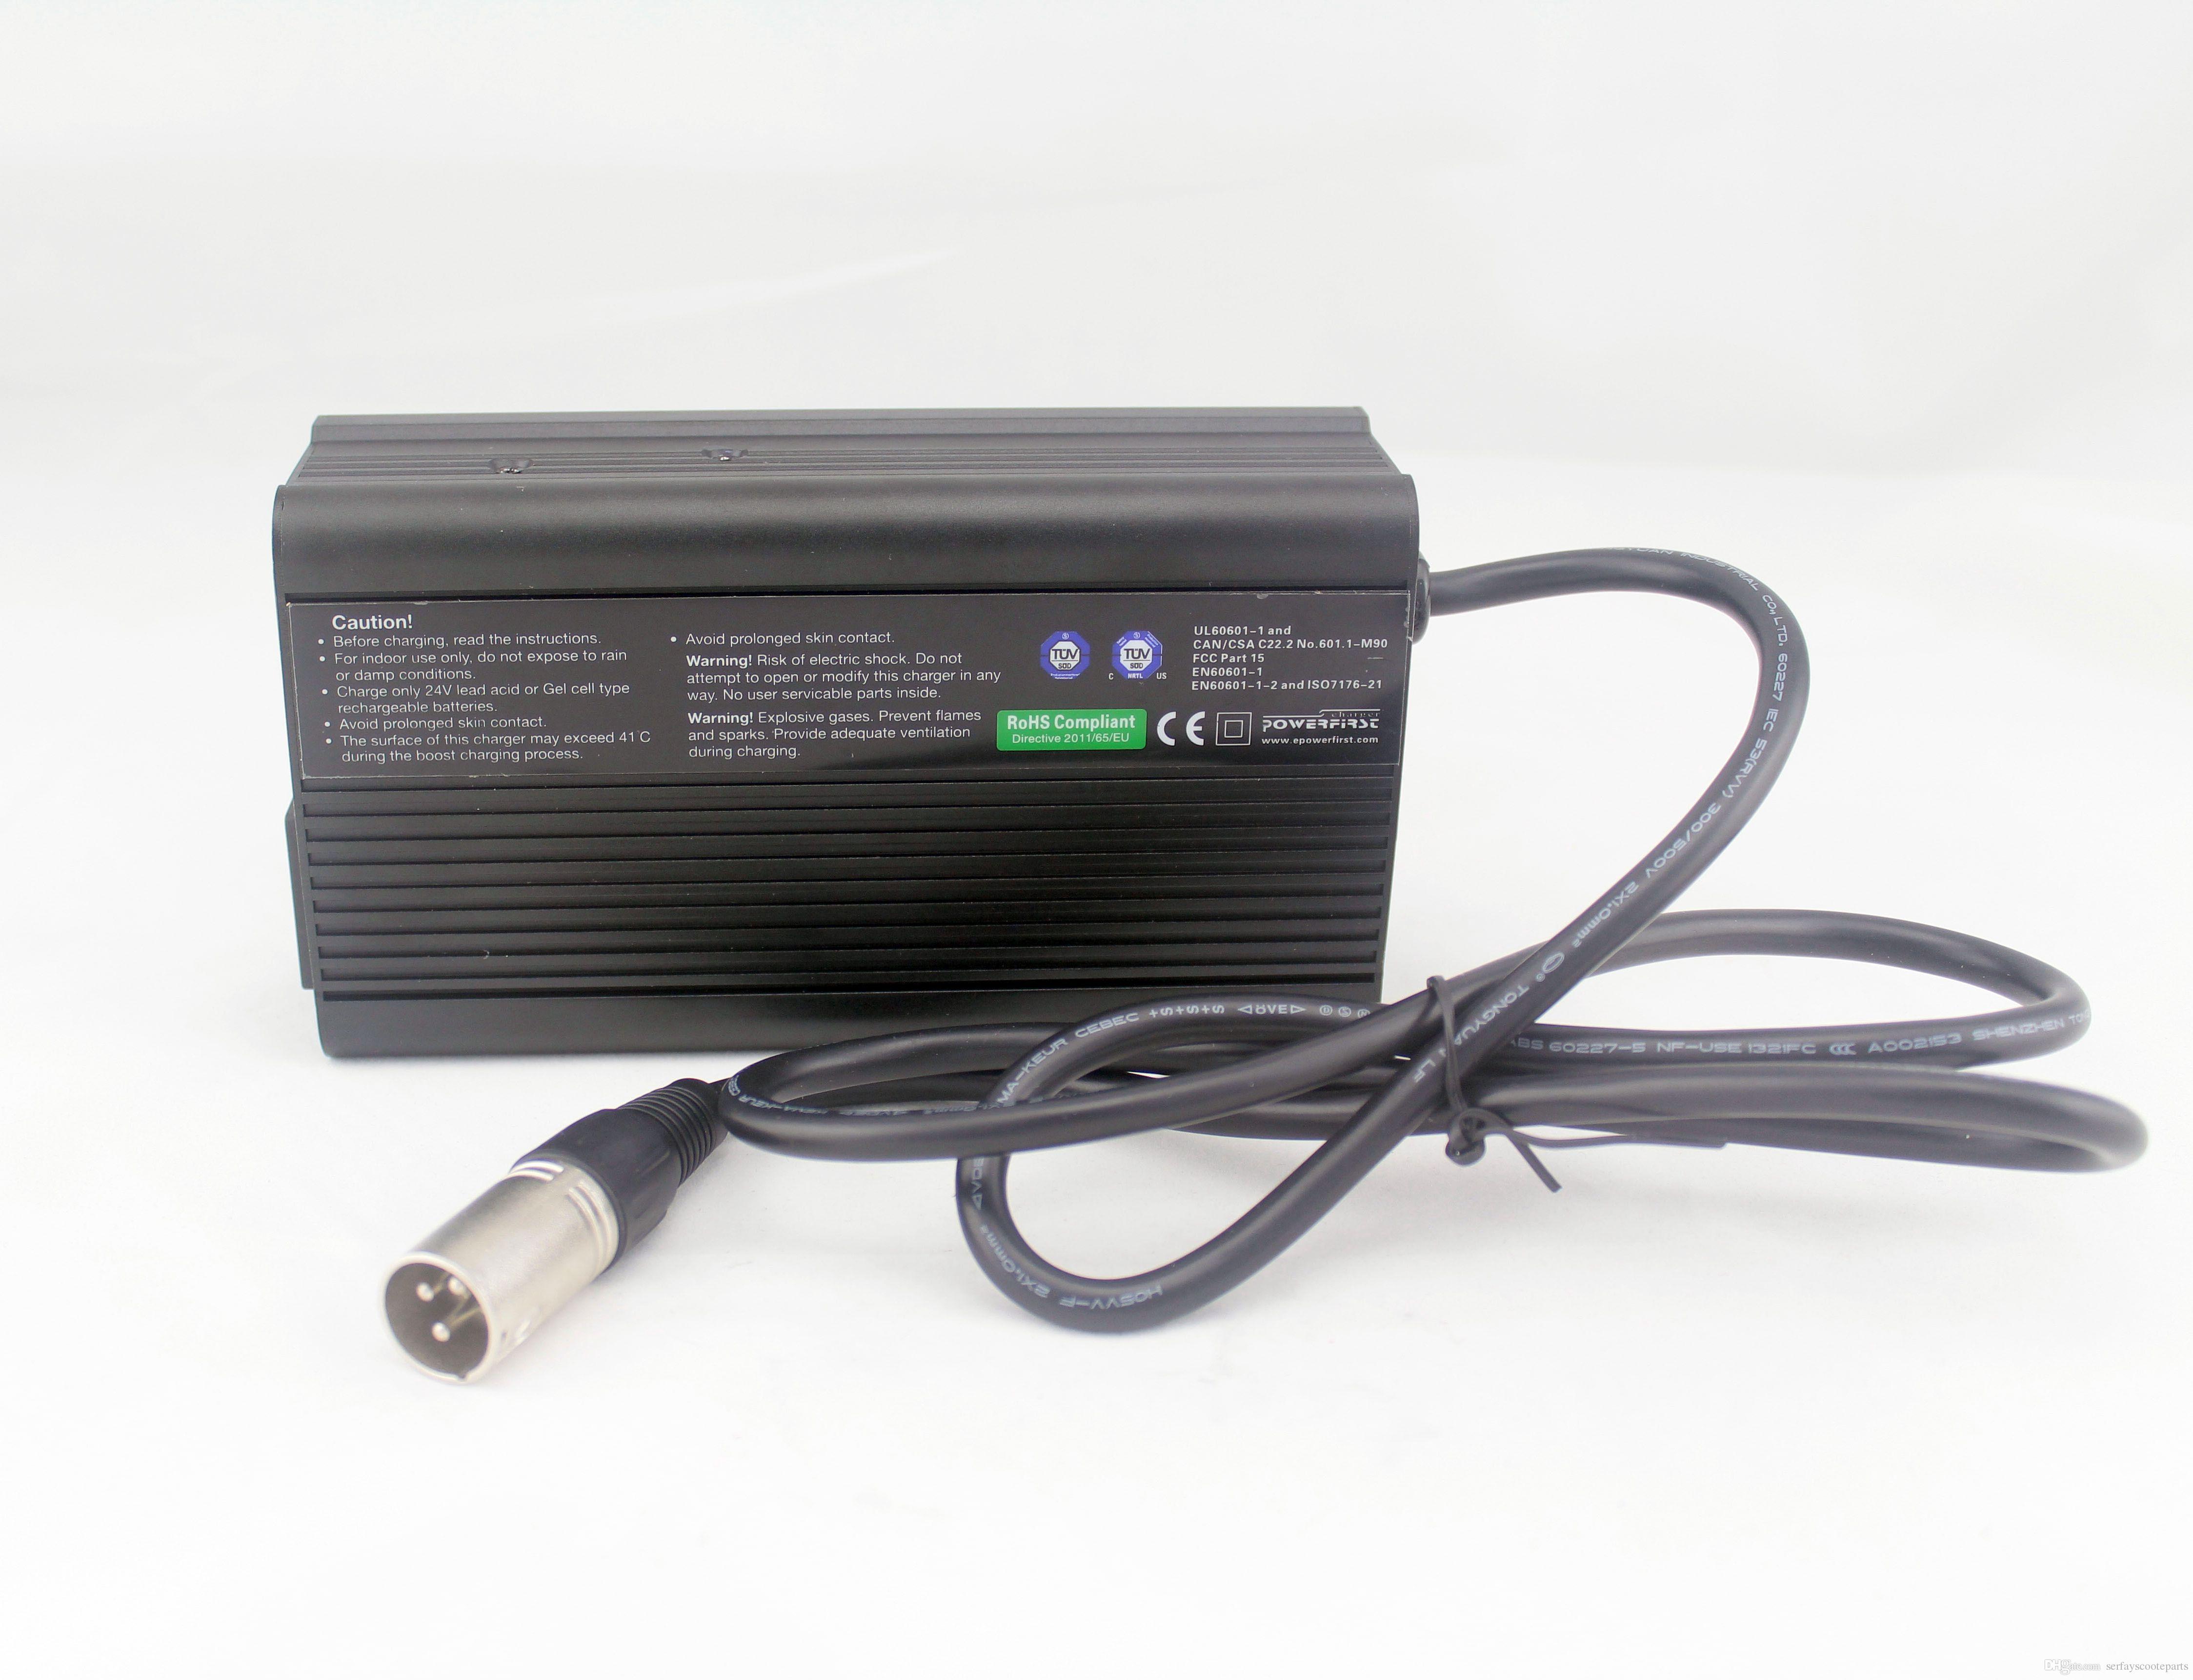 Заряжатель батареи 24V 5A свинцовокислотный AGM или геля с цепью PFC (коррекции фактора силы) для кресло-коляск силы самоката удобоподвижности